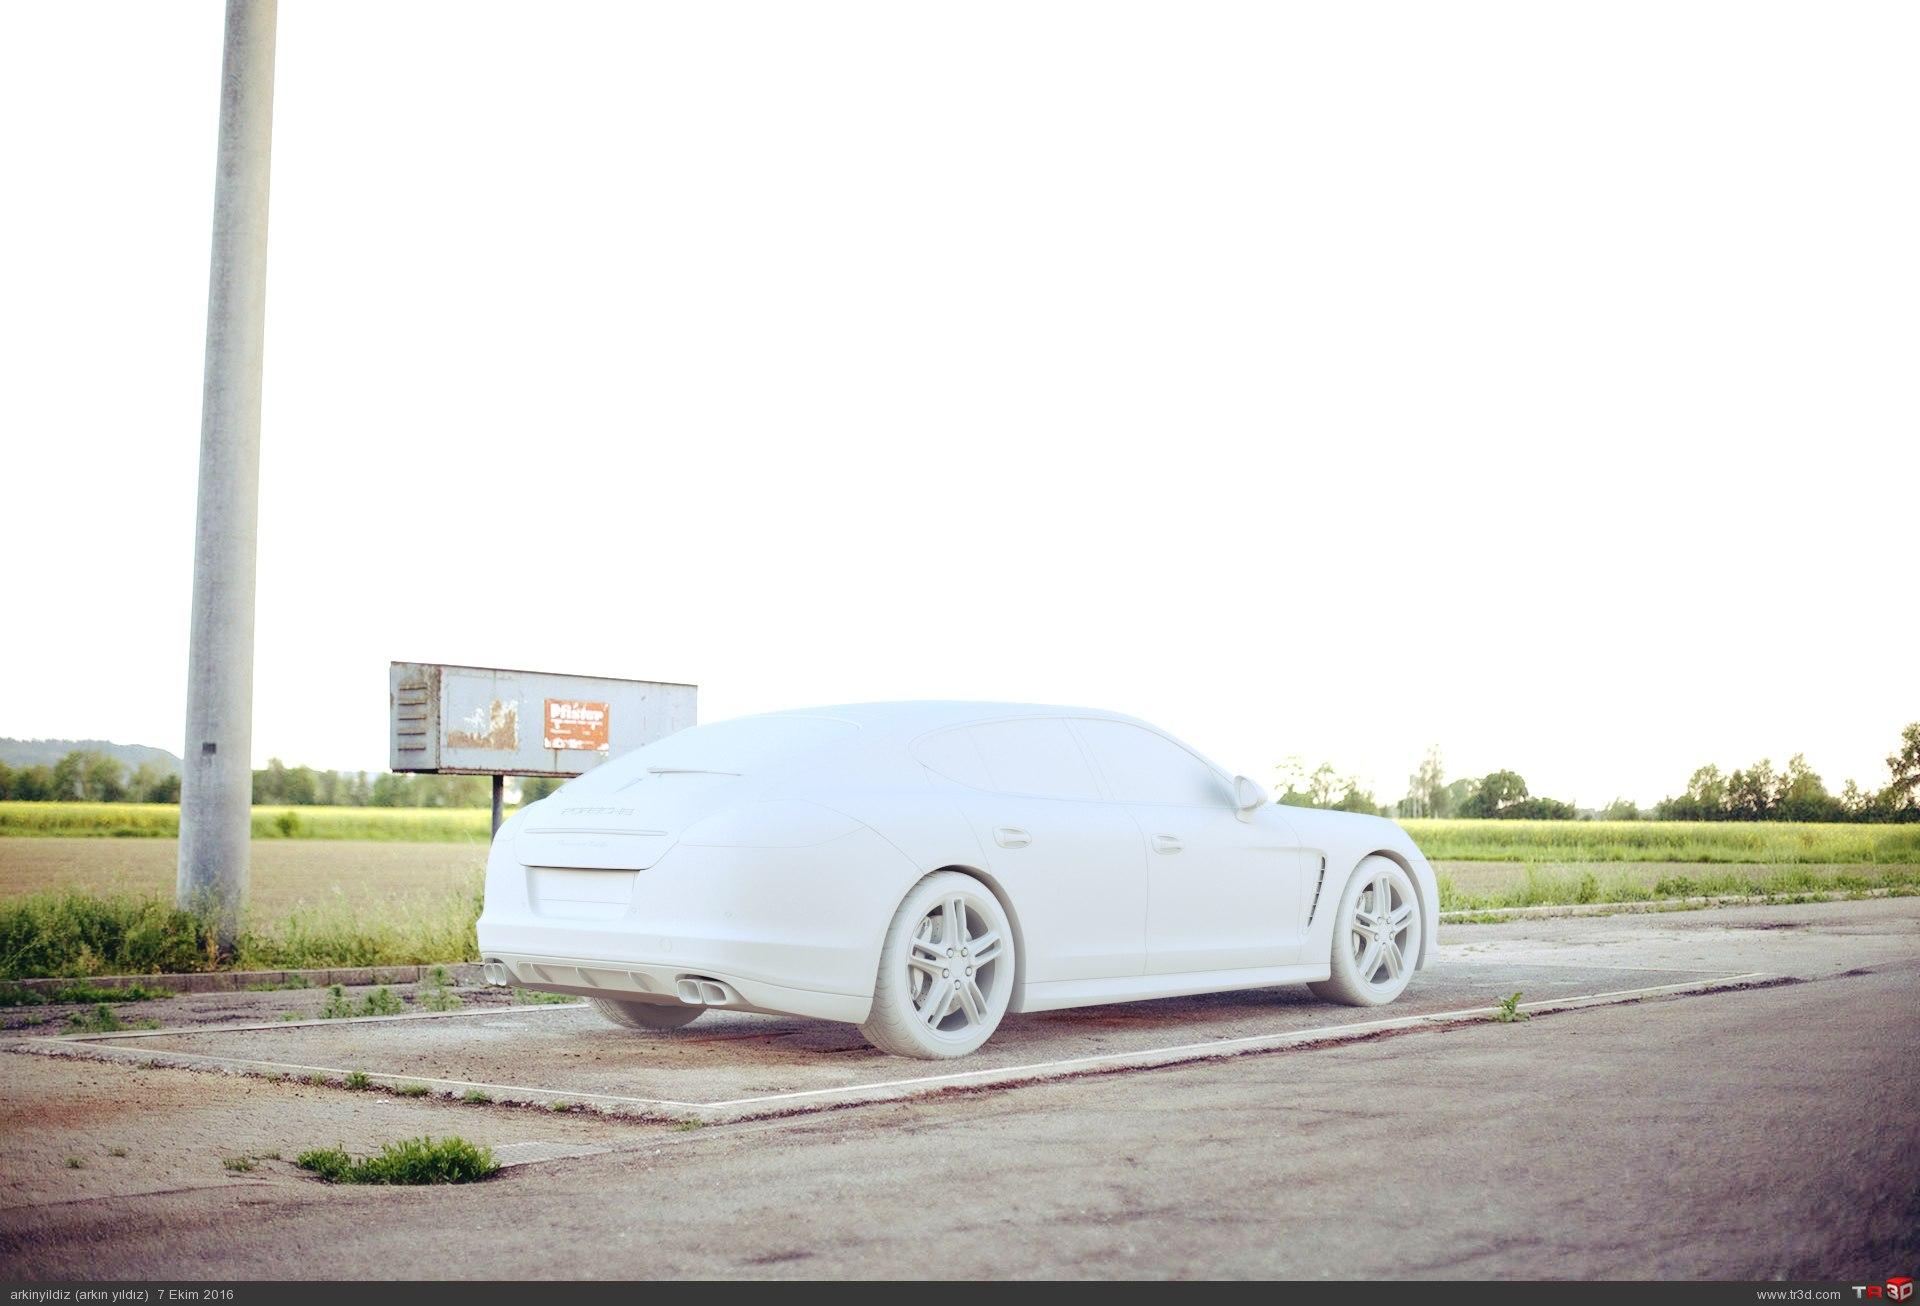 Porsche - Lighting & Shader Test 1